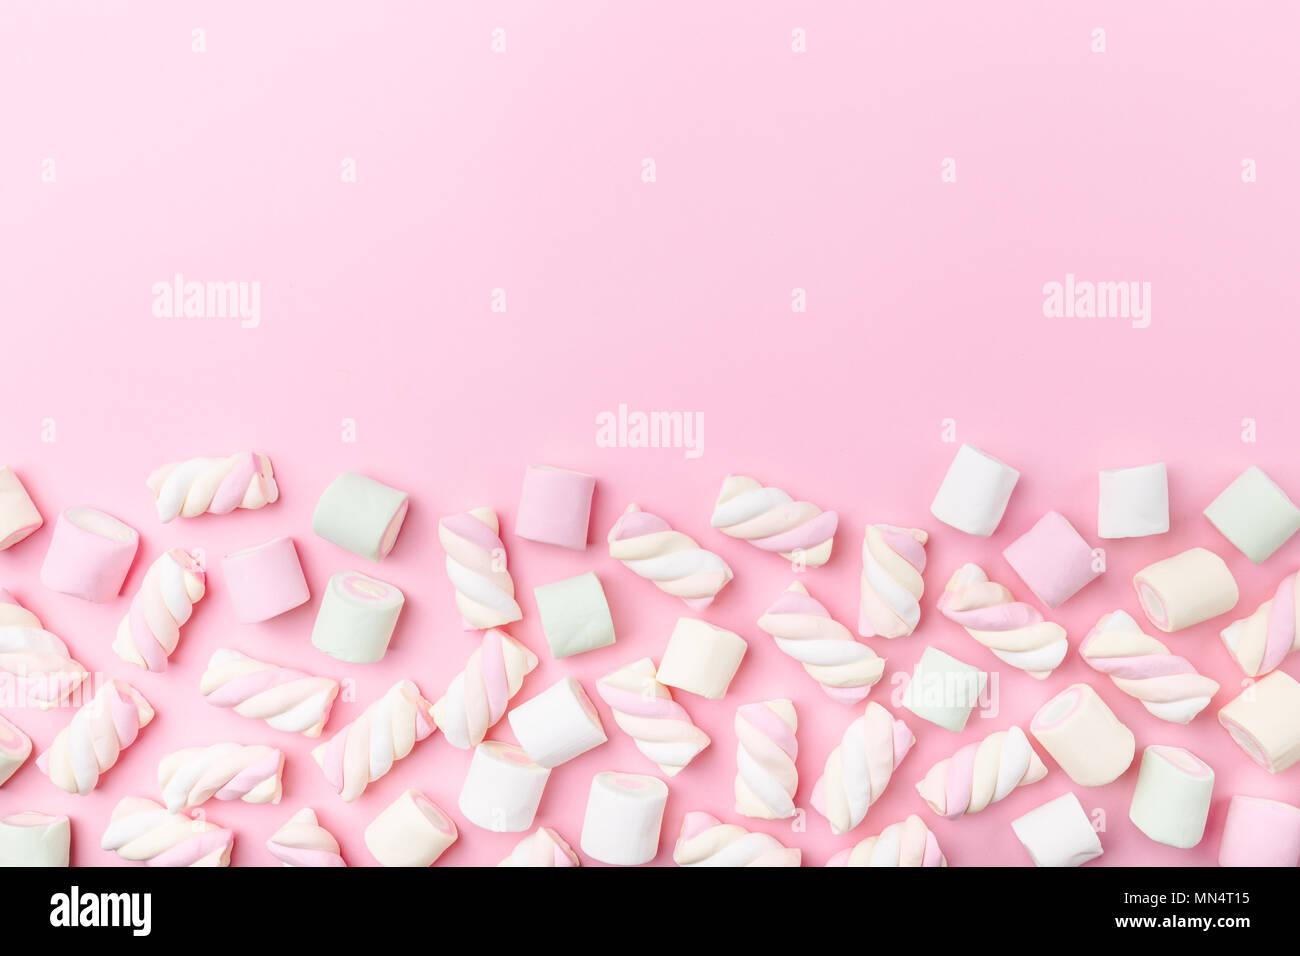 Diversi Colori Pastello Marshmallows In Rosa Pastello Con Sfondo